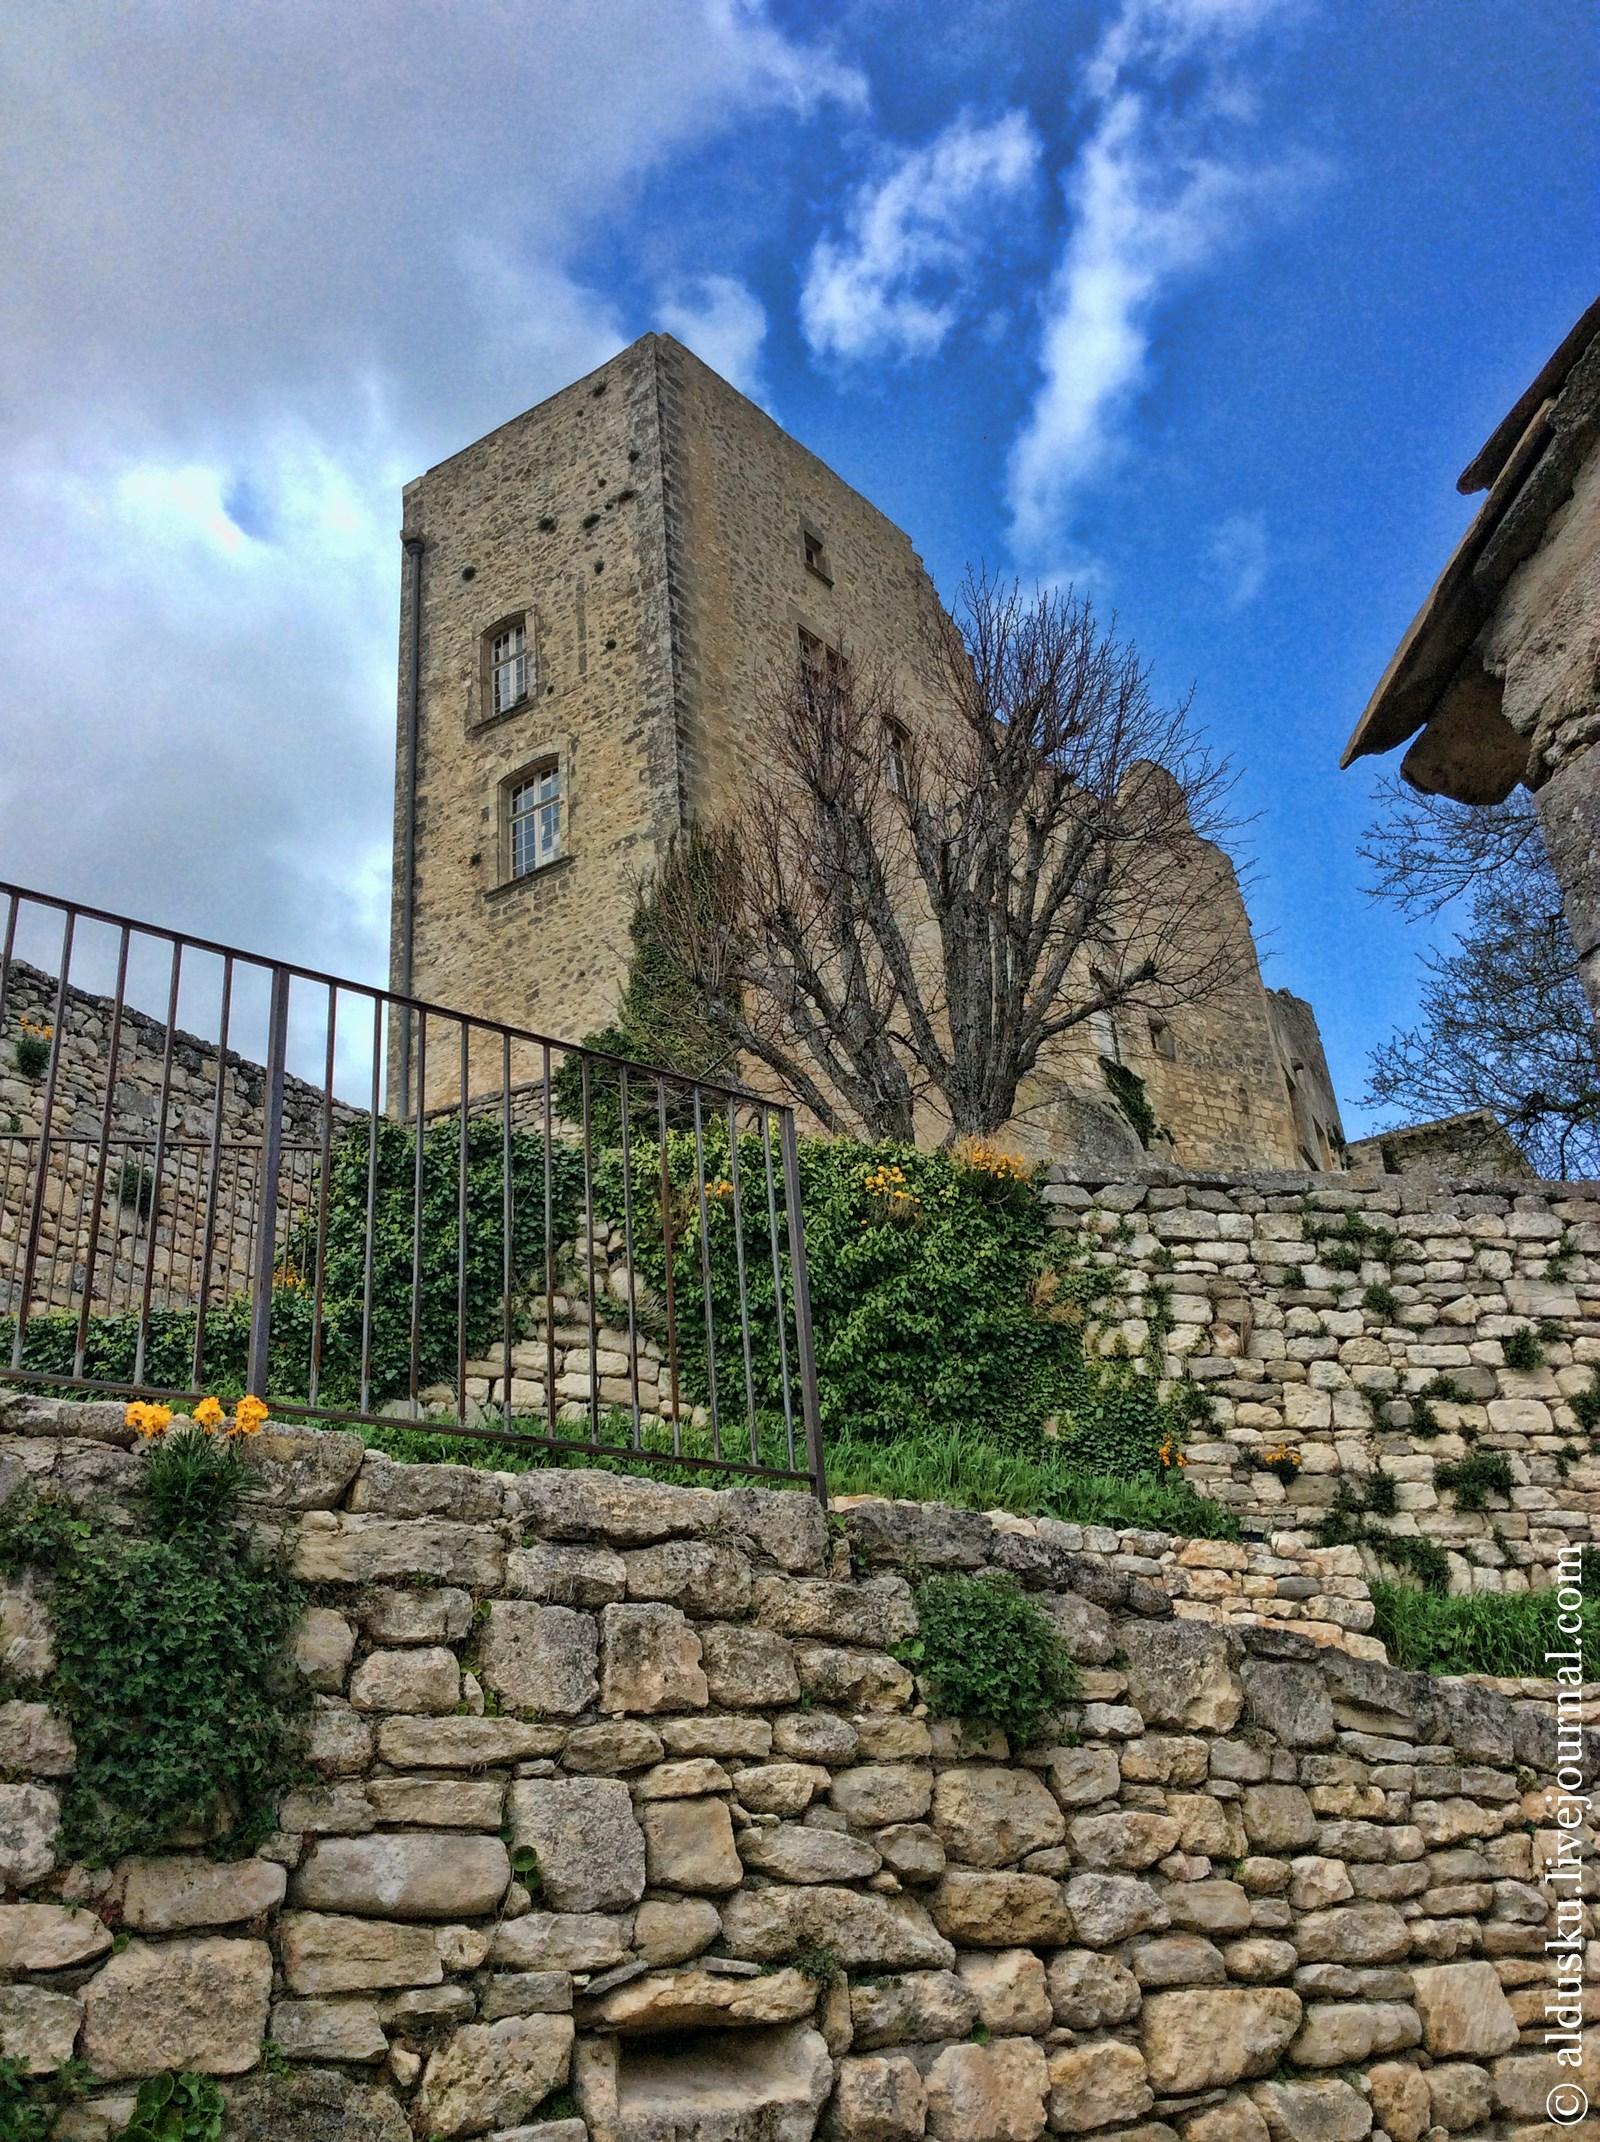 Моя попытка сфотографировать общий вид замка (руин)